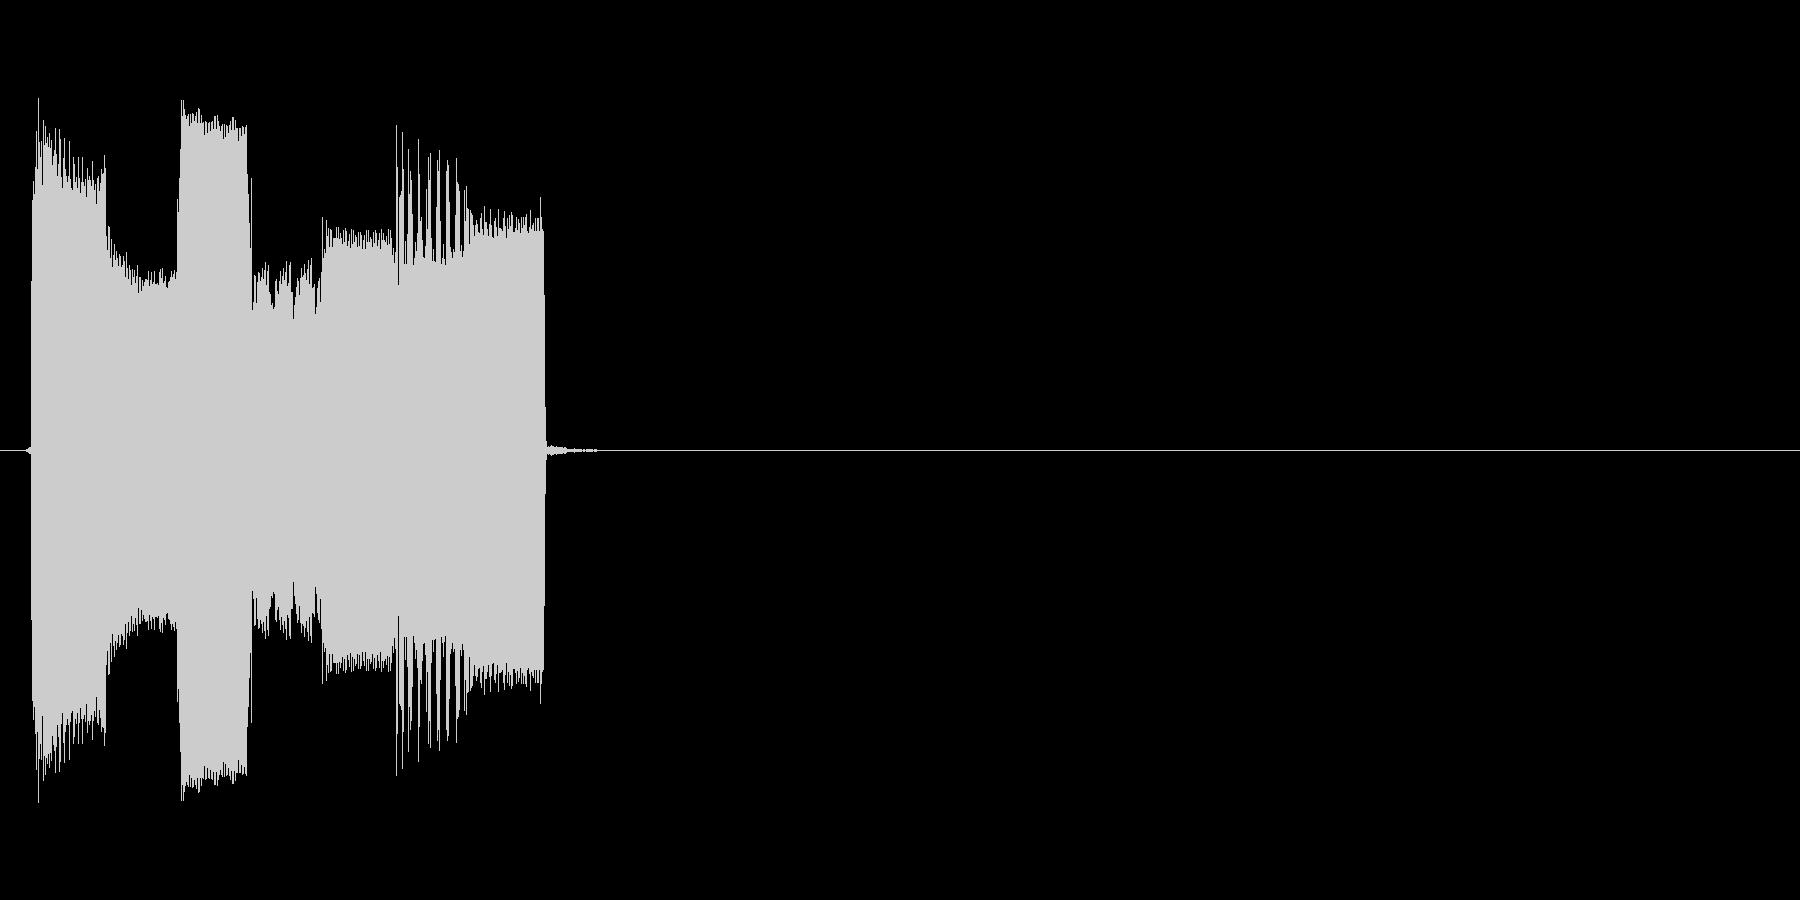 ピコピコ(ロボット、機械、動作)の未再生の波形